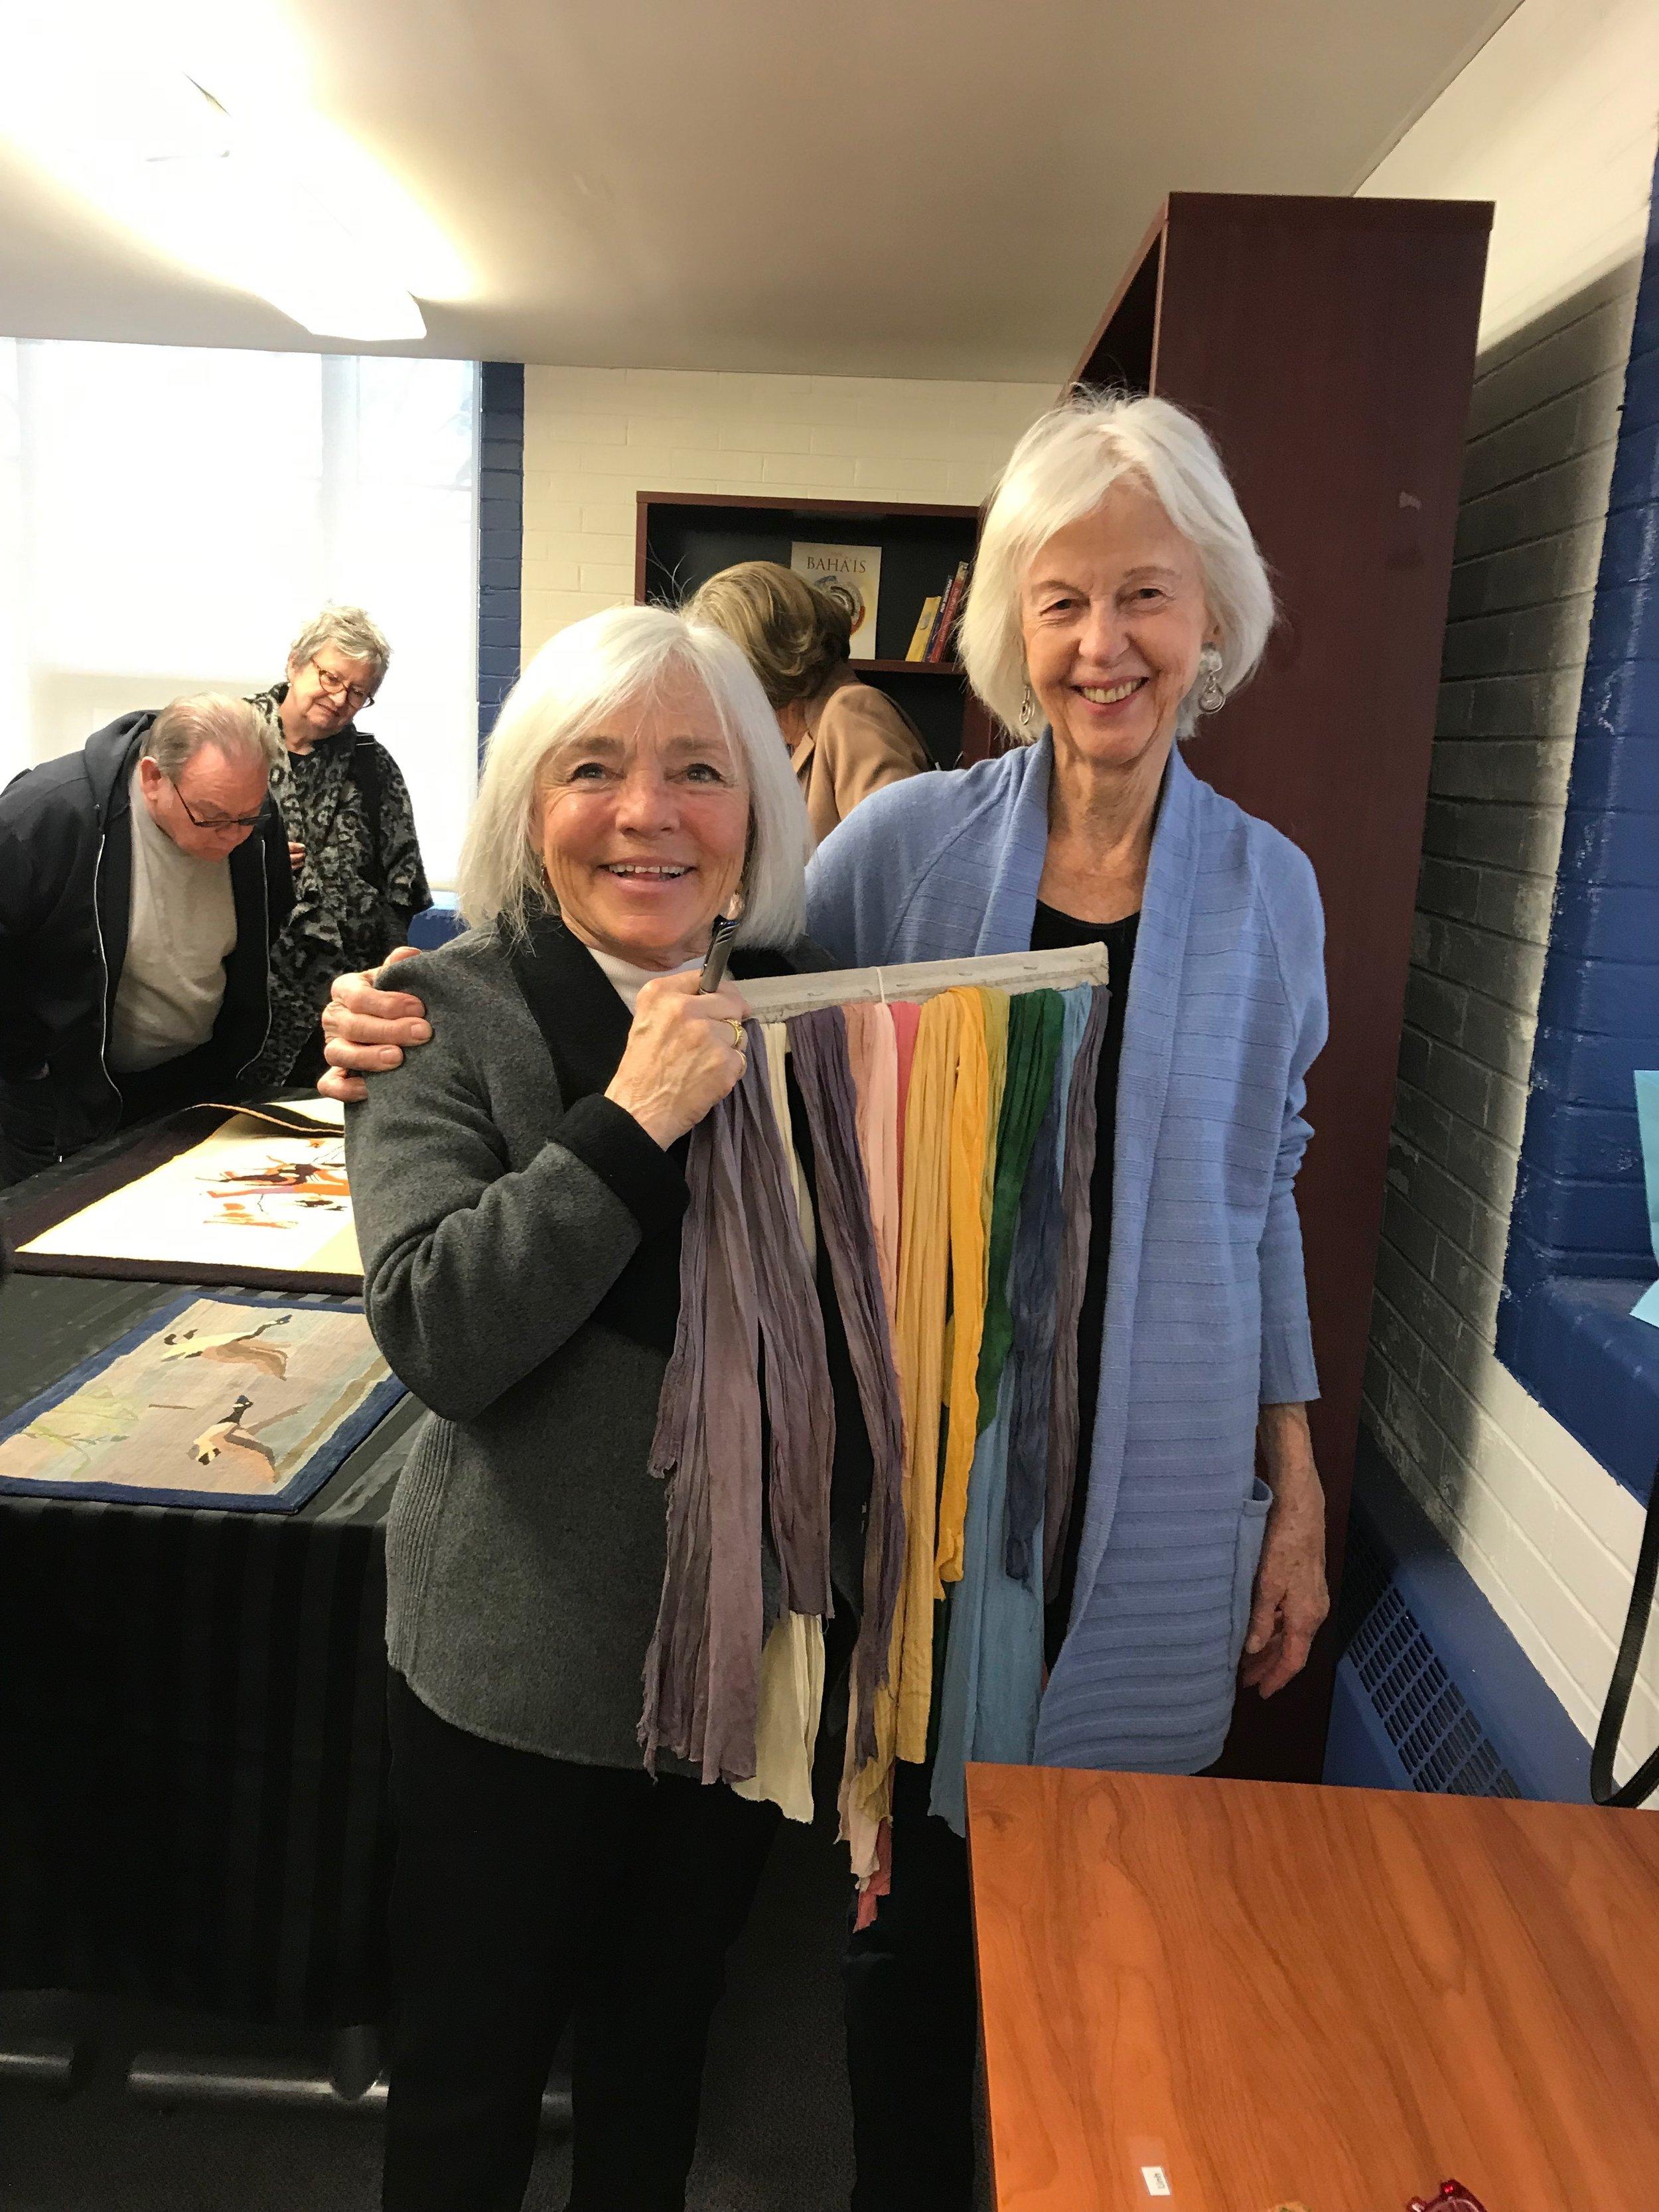 Speaker Paula Laverty and supporter Camilla Dalglish